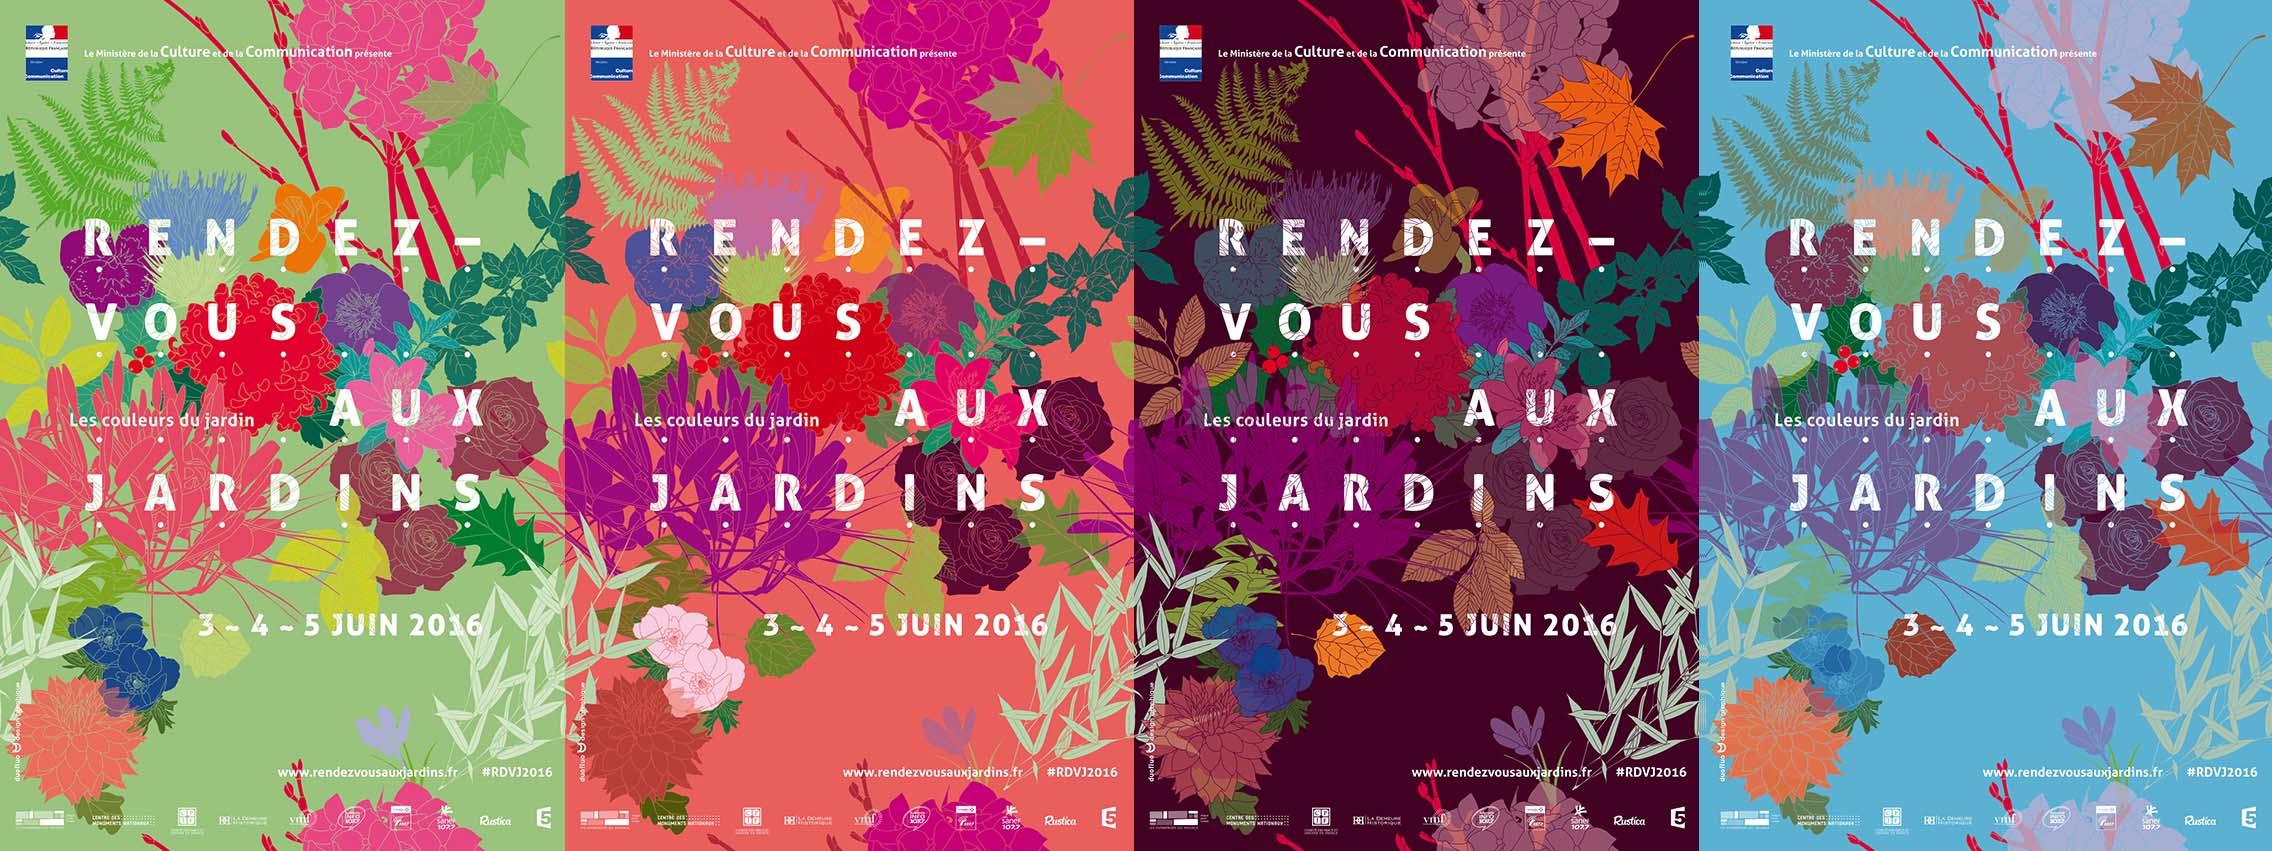 Rendez-vous aux jardins 2016 - 3-4-5 JUIN